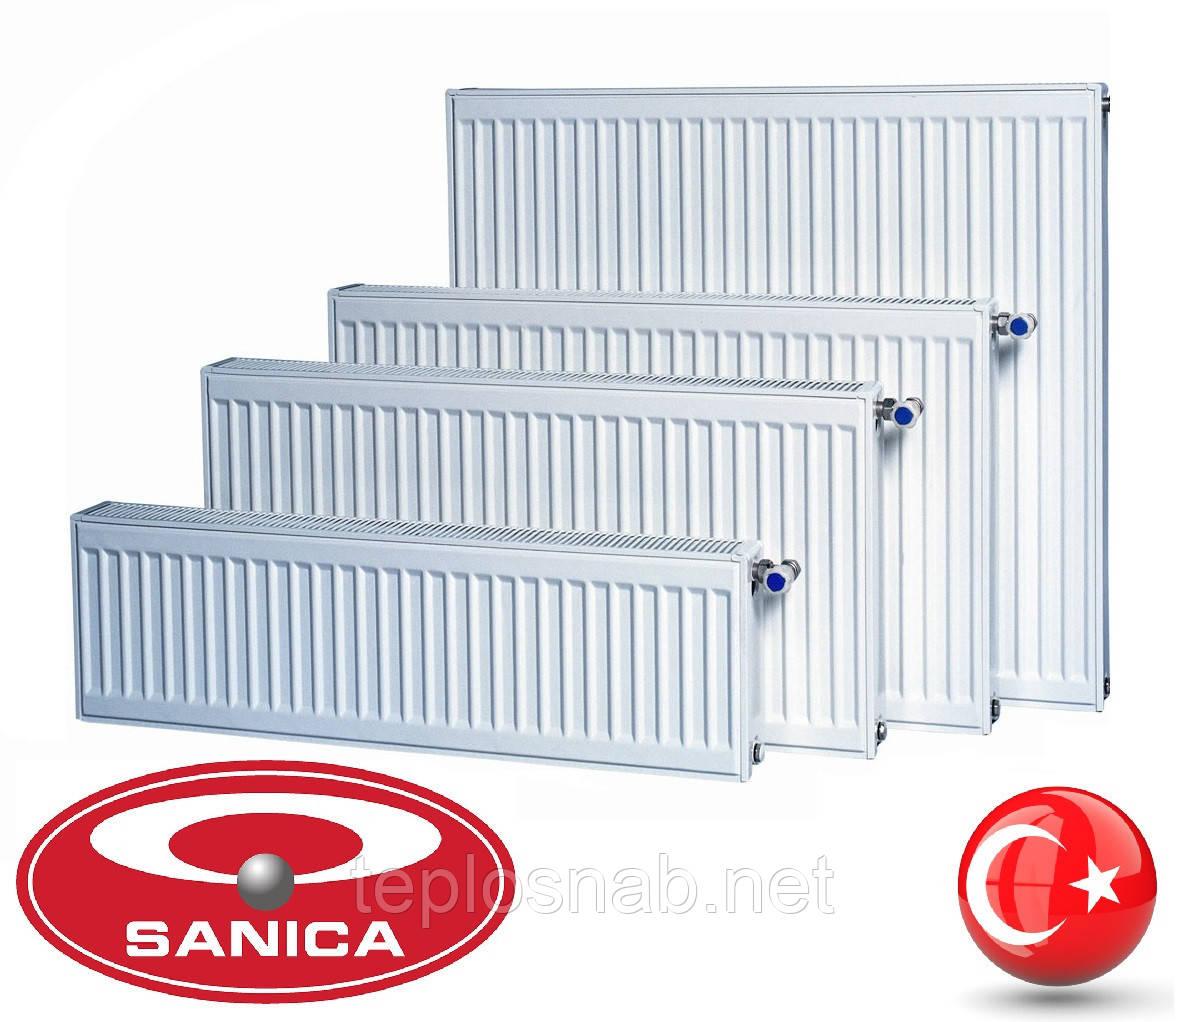 Стальной радиатор Sanica 22 тип (300 х 1200 мм) / 1524 Вт